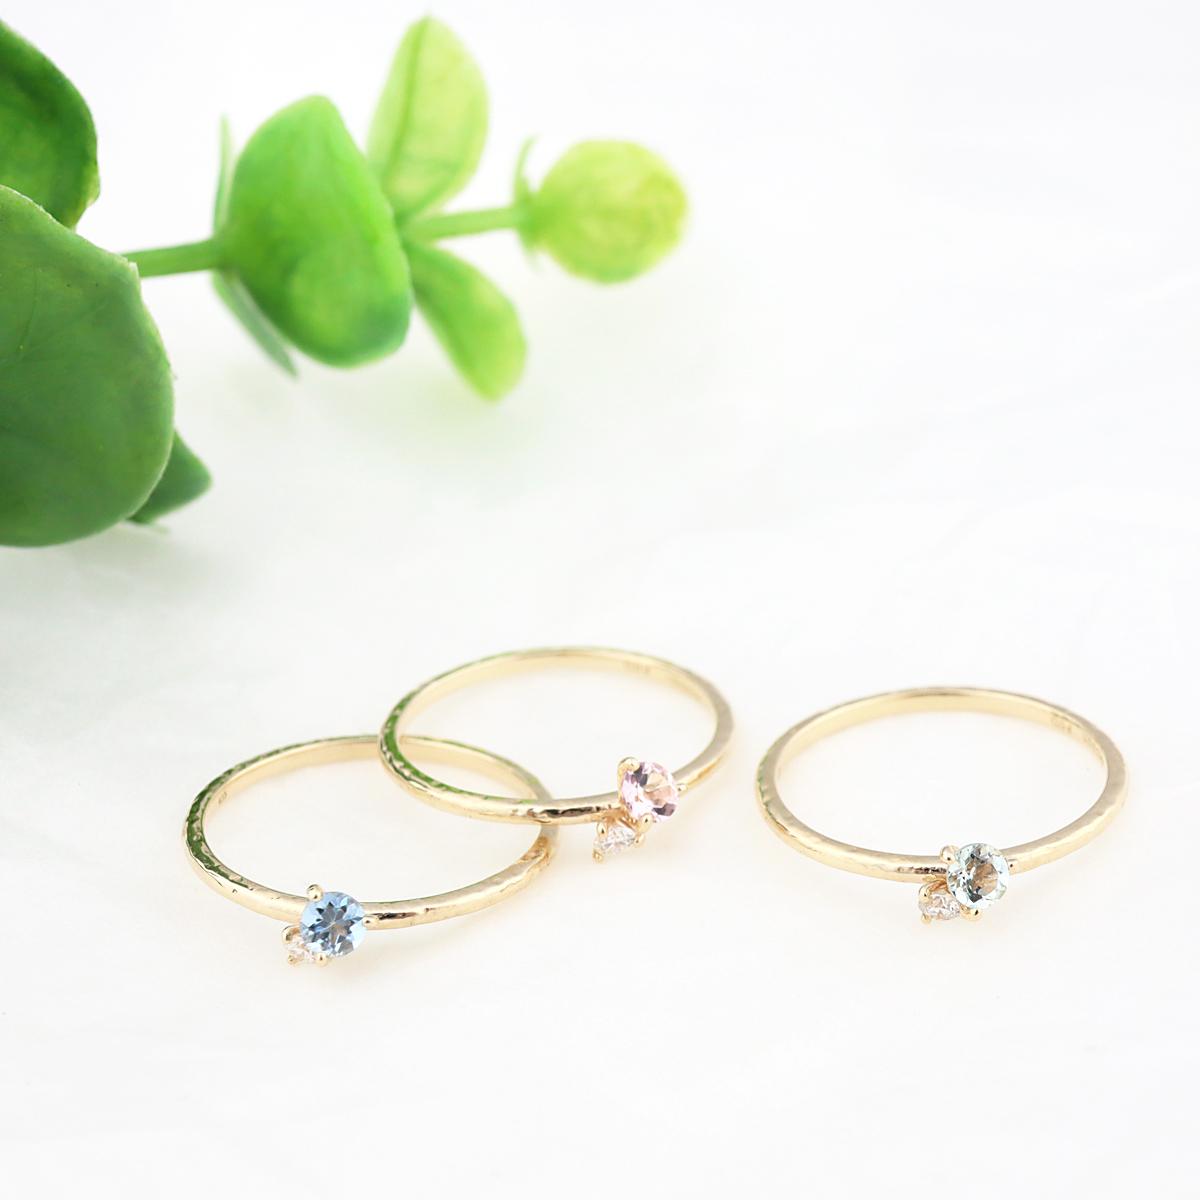 fleurage ring